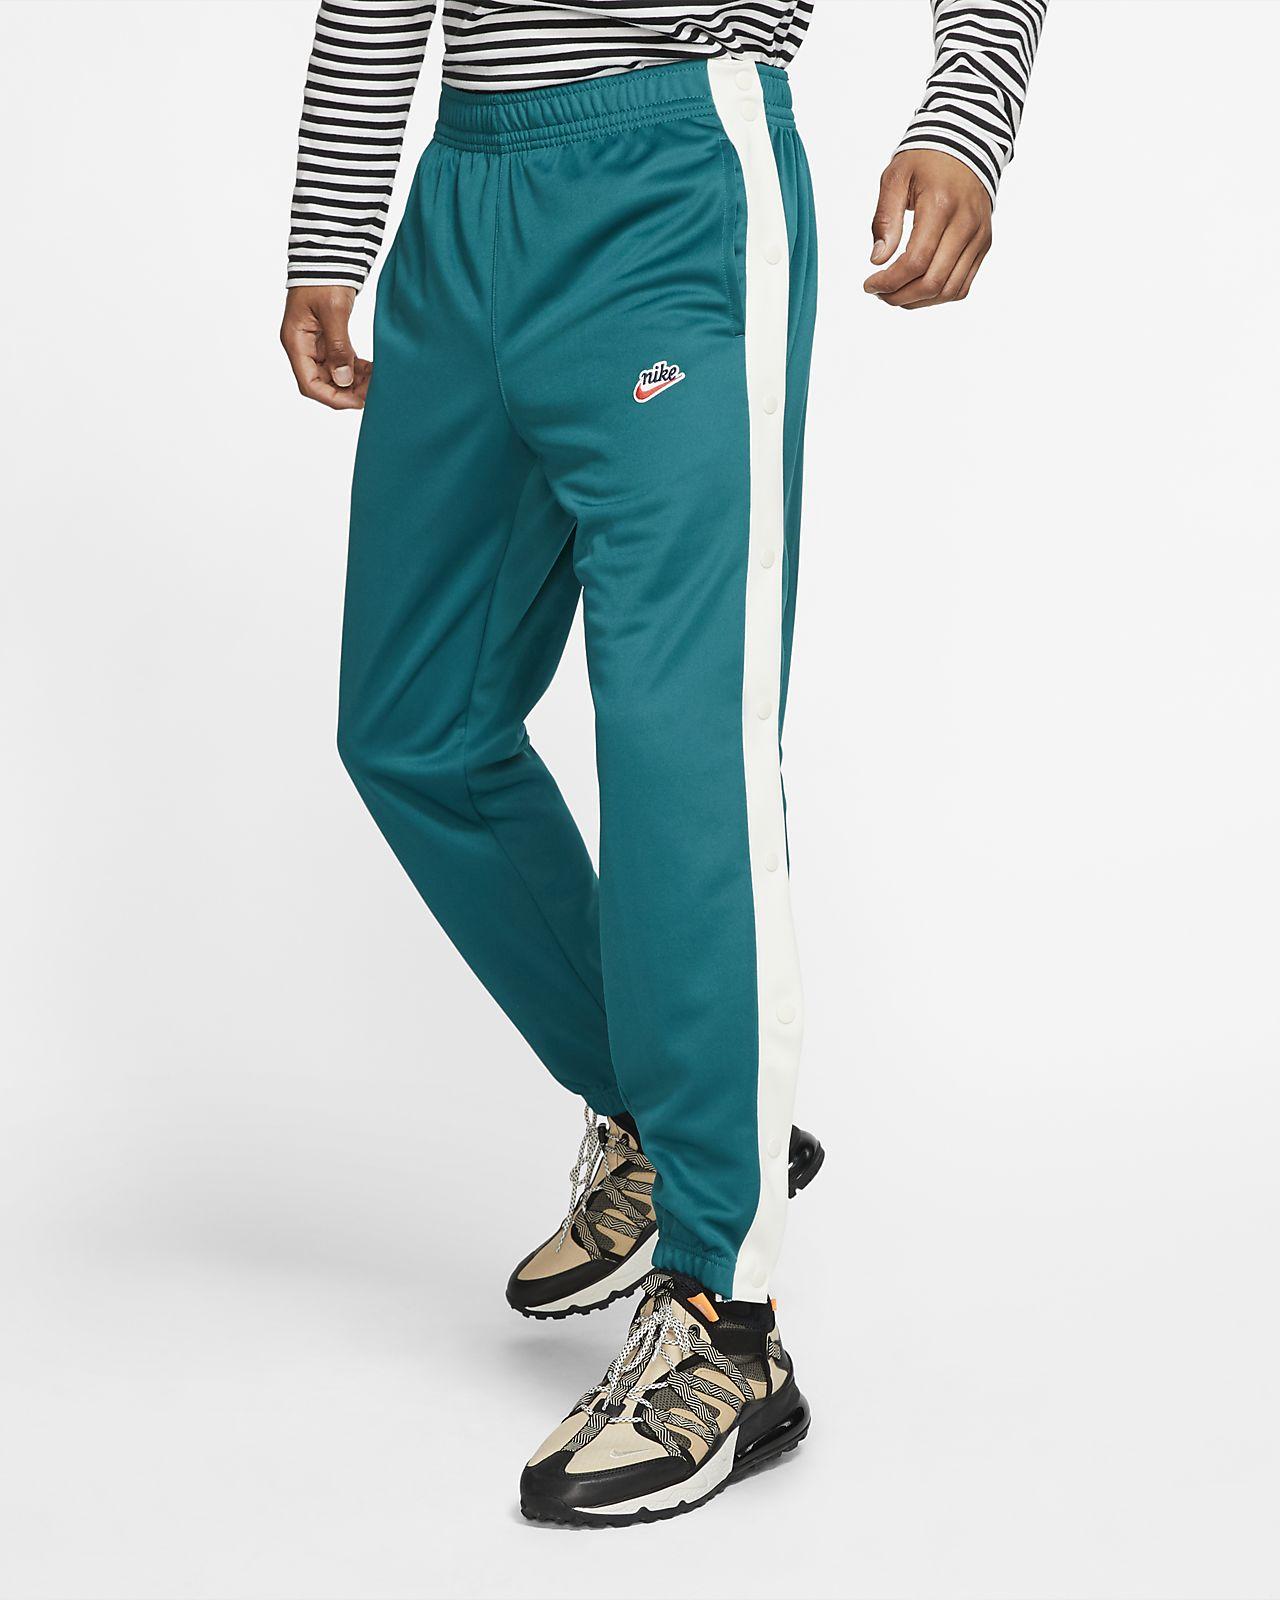 Pantalones con cierre de botones para hombre Nike Sportswear